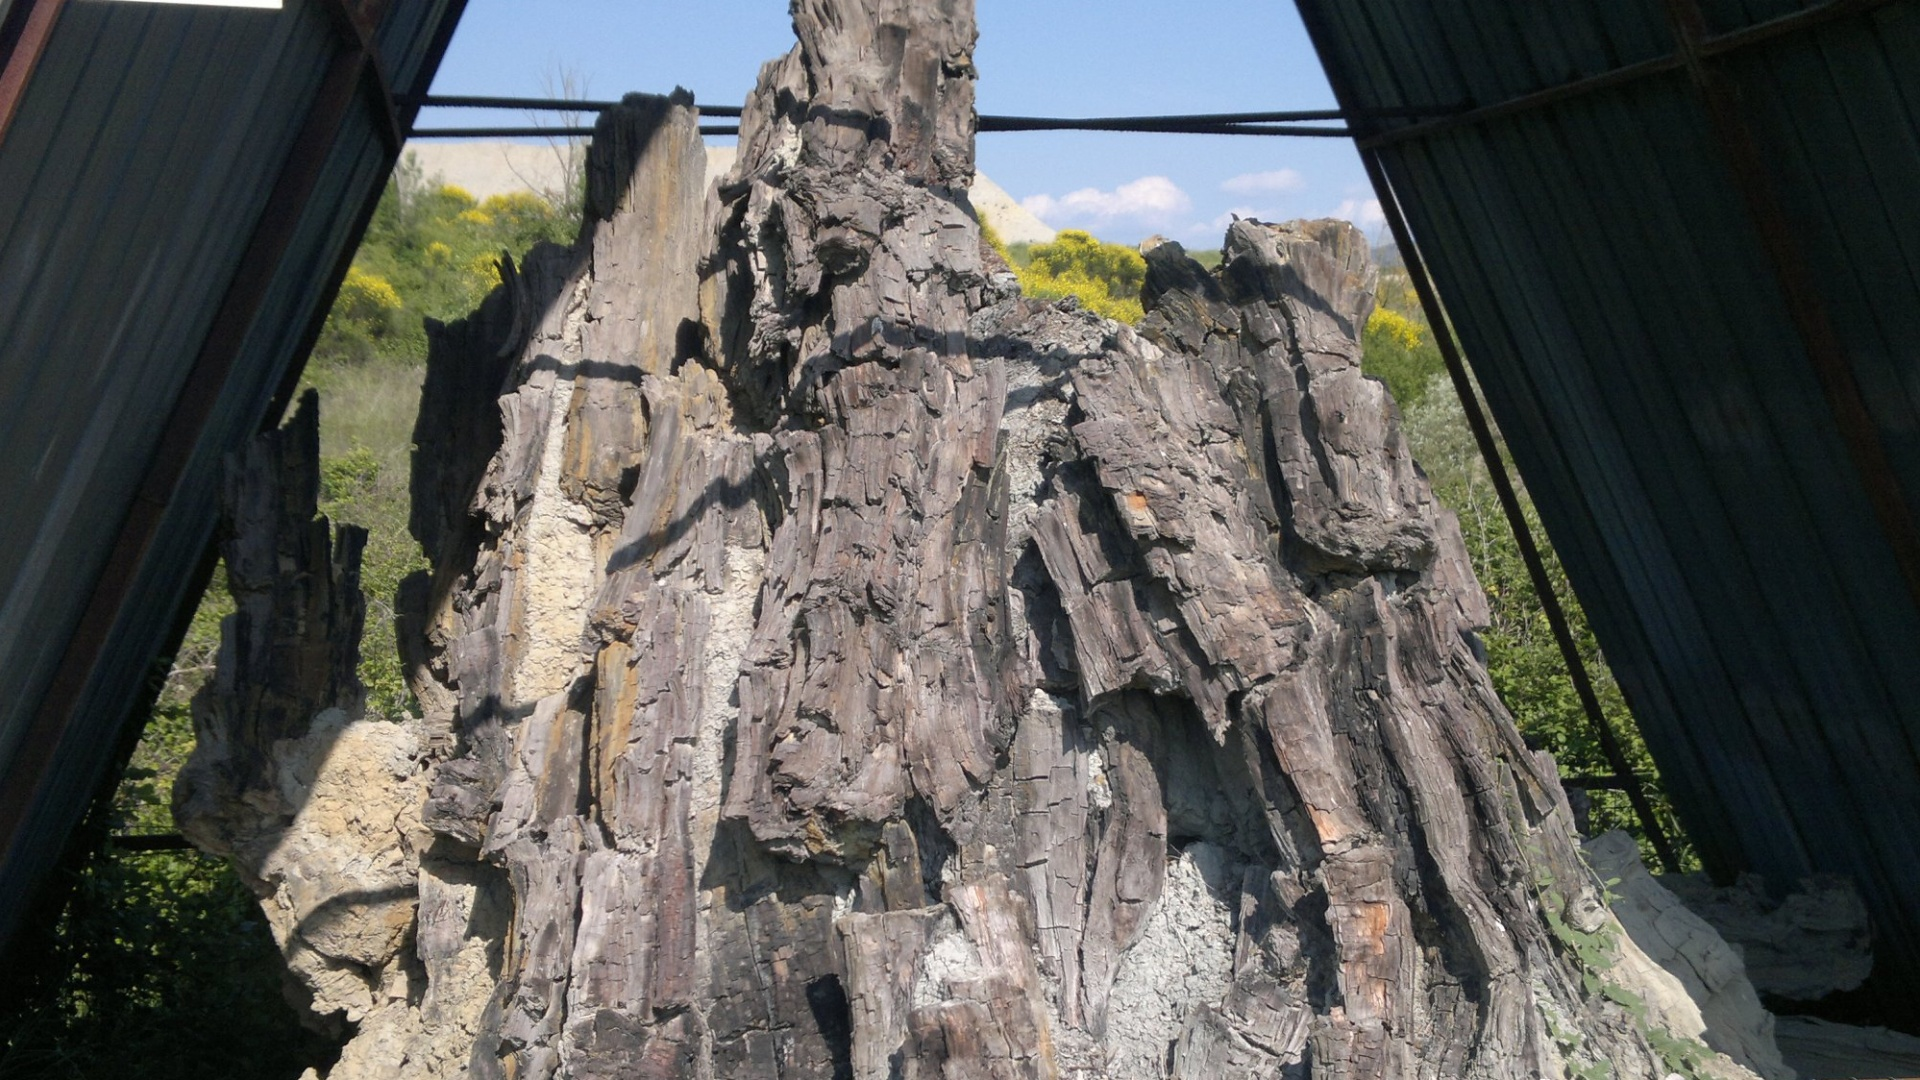 Foresta fossile di Dunarobba e le piante mummificate 3 milioni di anni fa